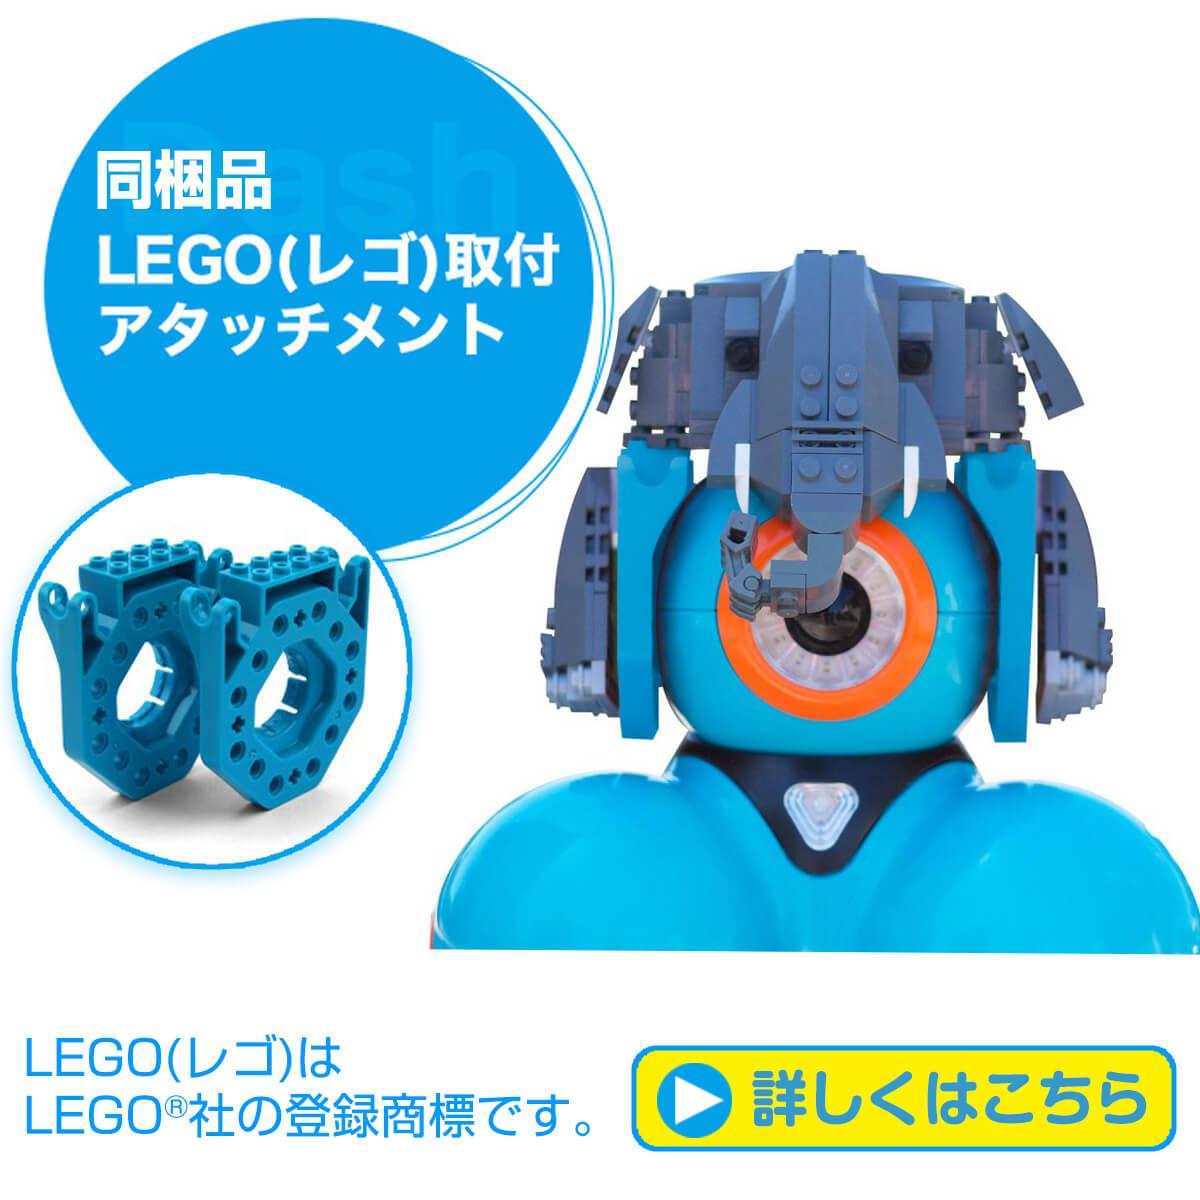 プログラミングロボットダッシュくんLego(レゴ)取付アタッチメント